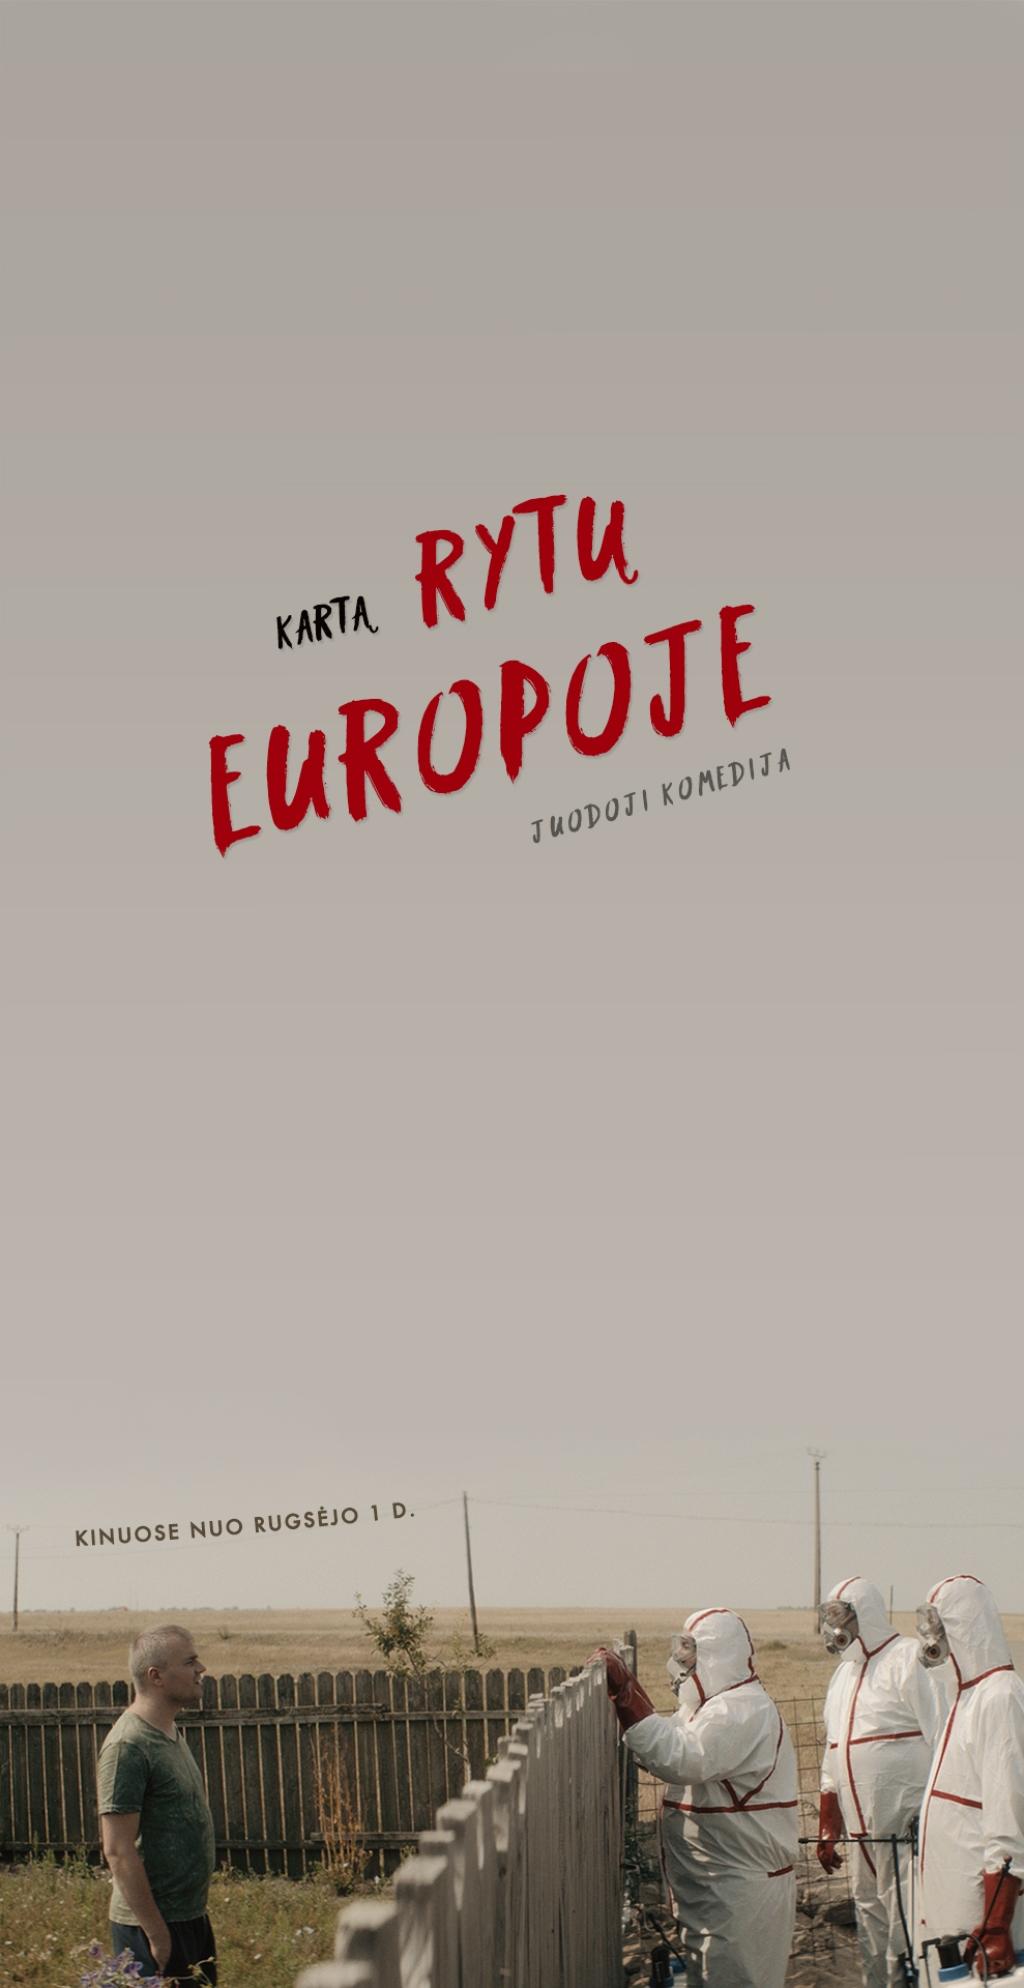 Kartą Rytų Europoje (Eastern Business)